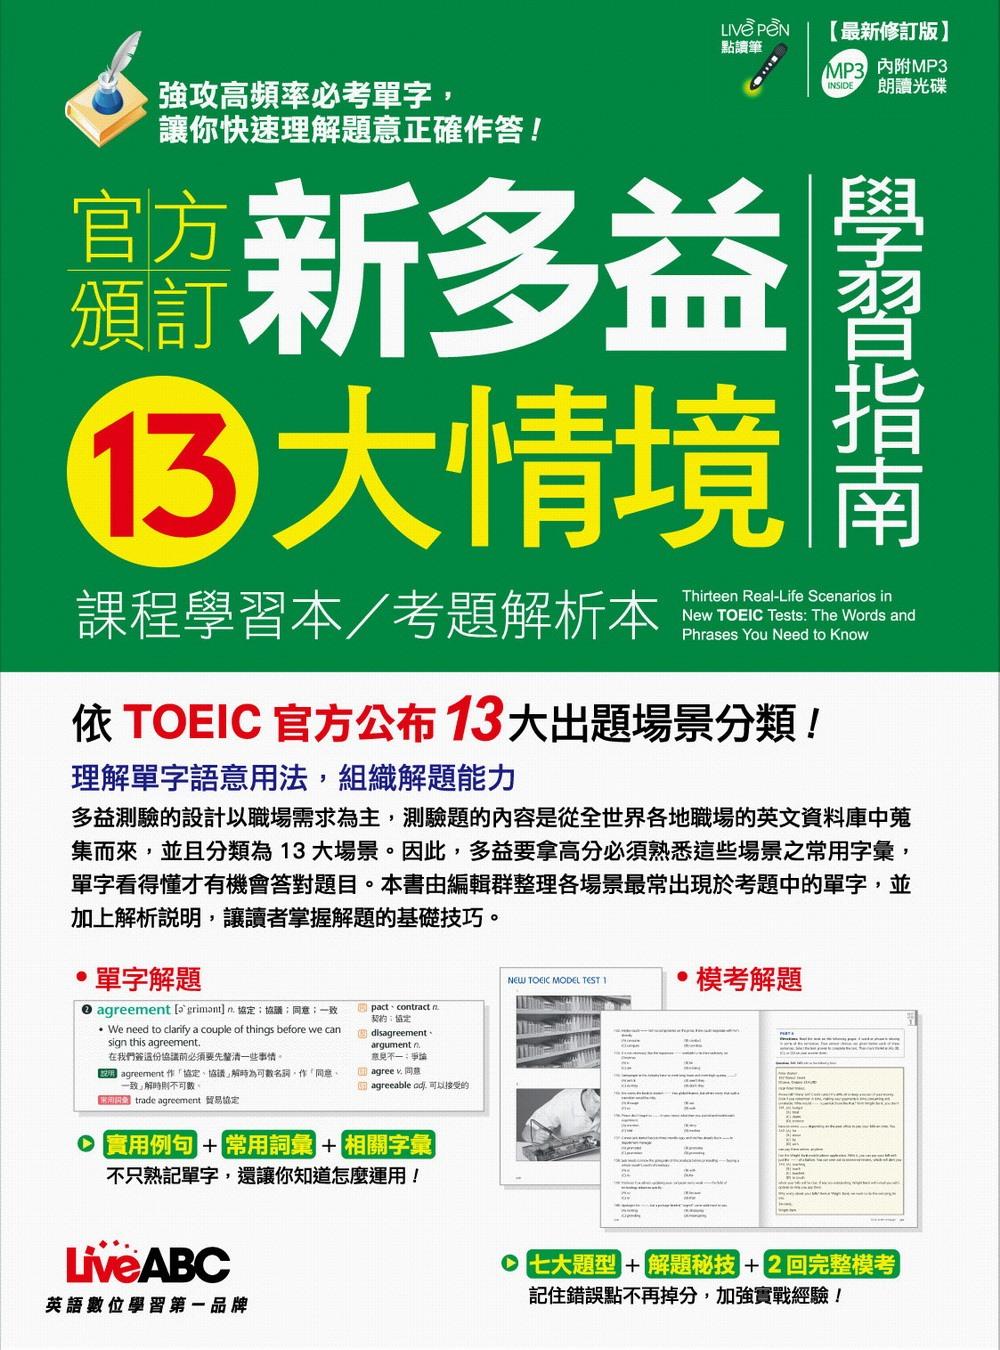 官方頒訂 新多益13大情境學習指南(最新修訂版)【學習本+解析本+1片朗讀MP3光碟】